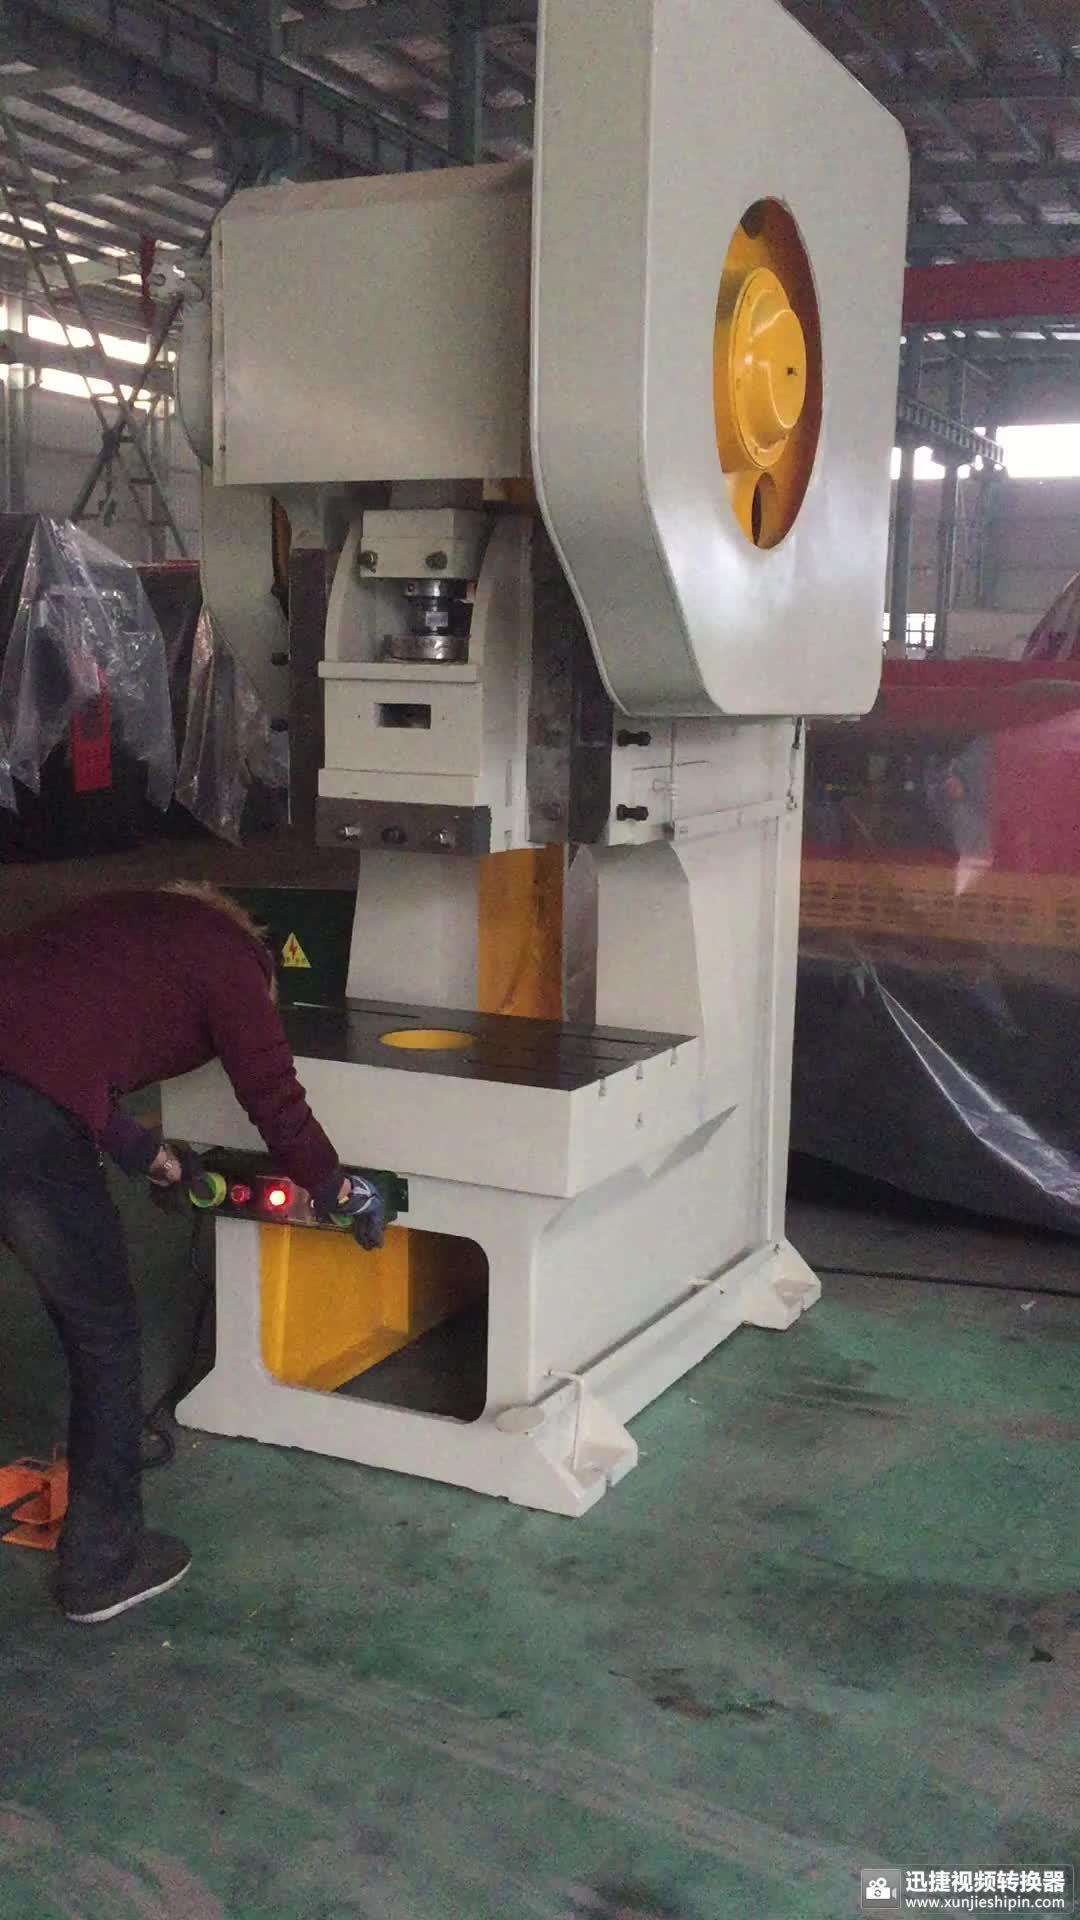 New open-type tilting cnc power press, metallurgy machinery embossing machine, punching machine